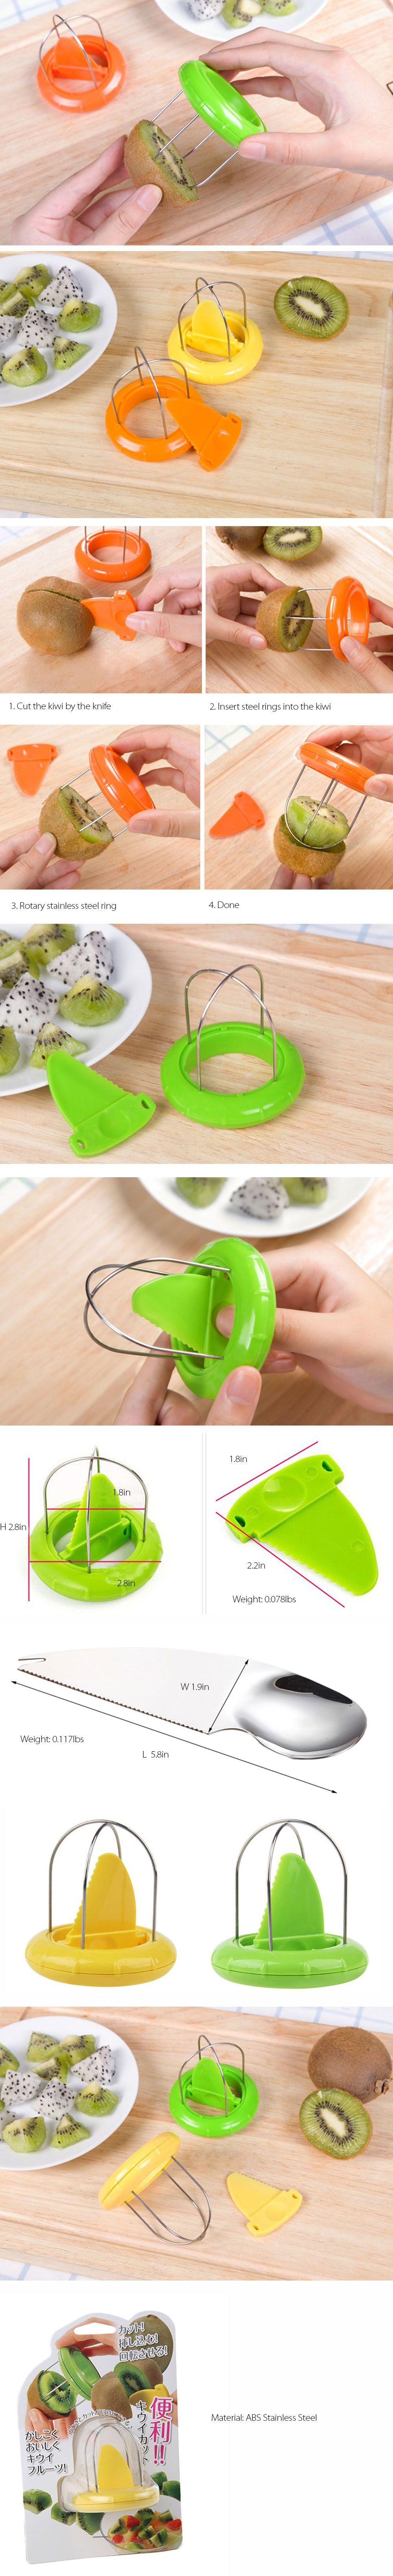 Kiwi Peeler Cool Gadget